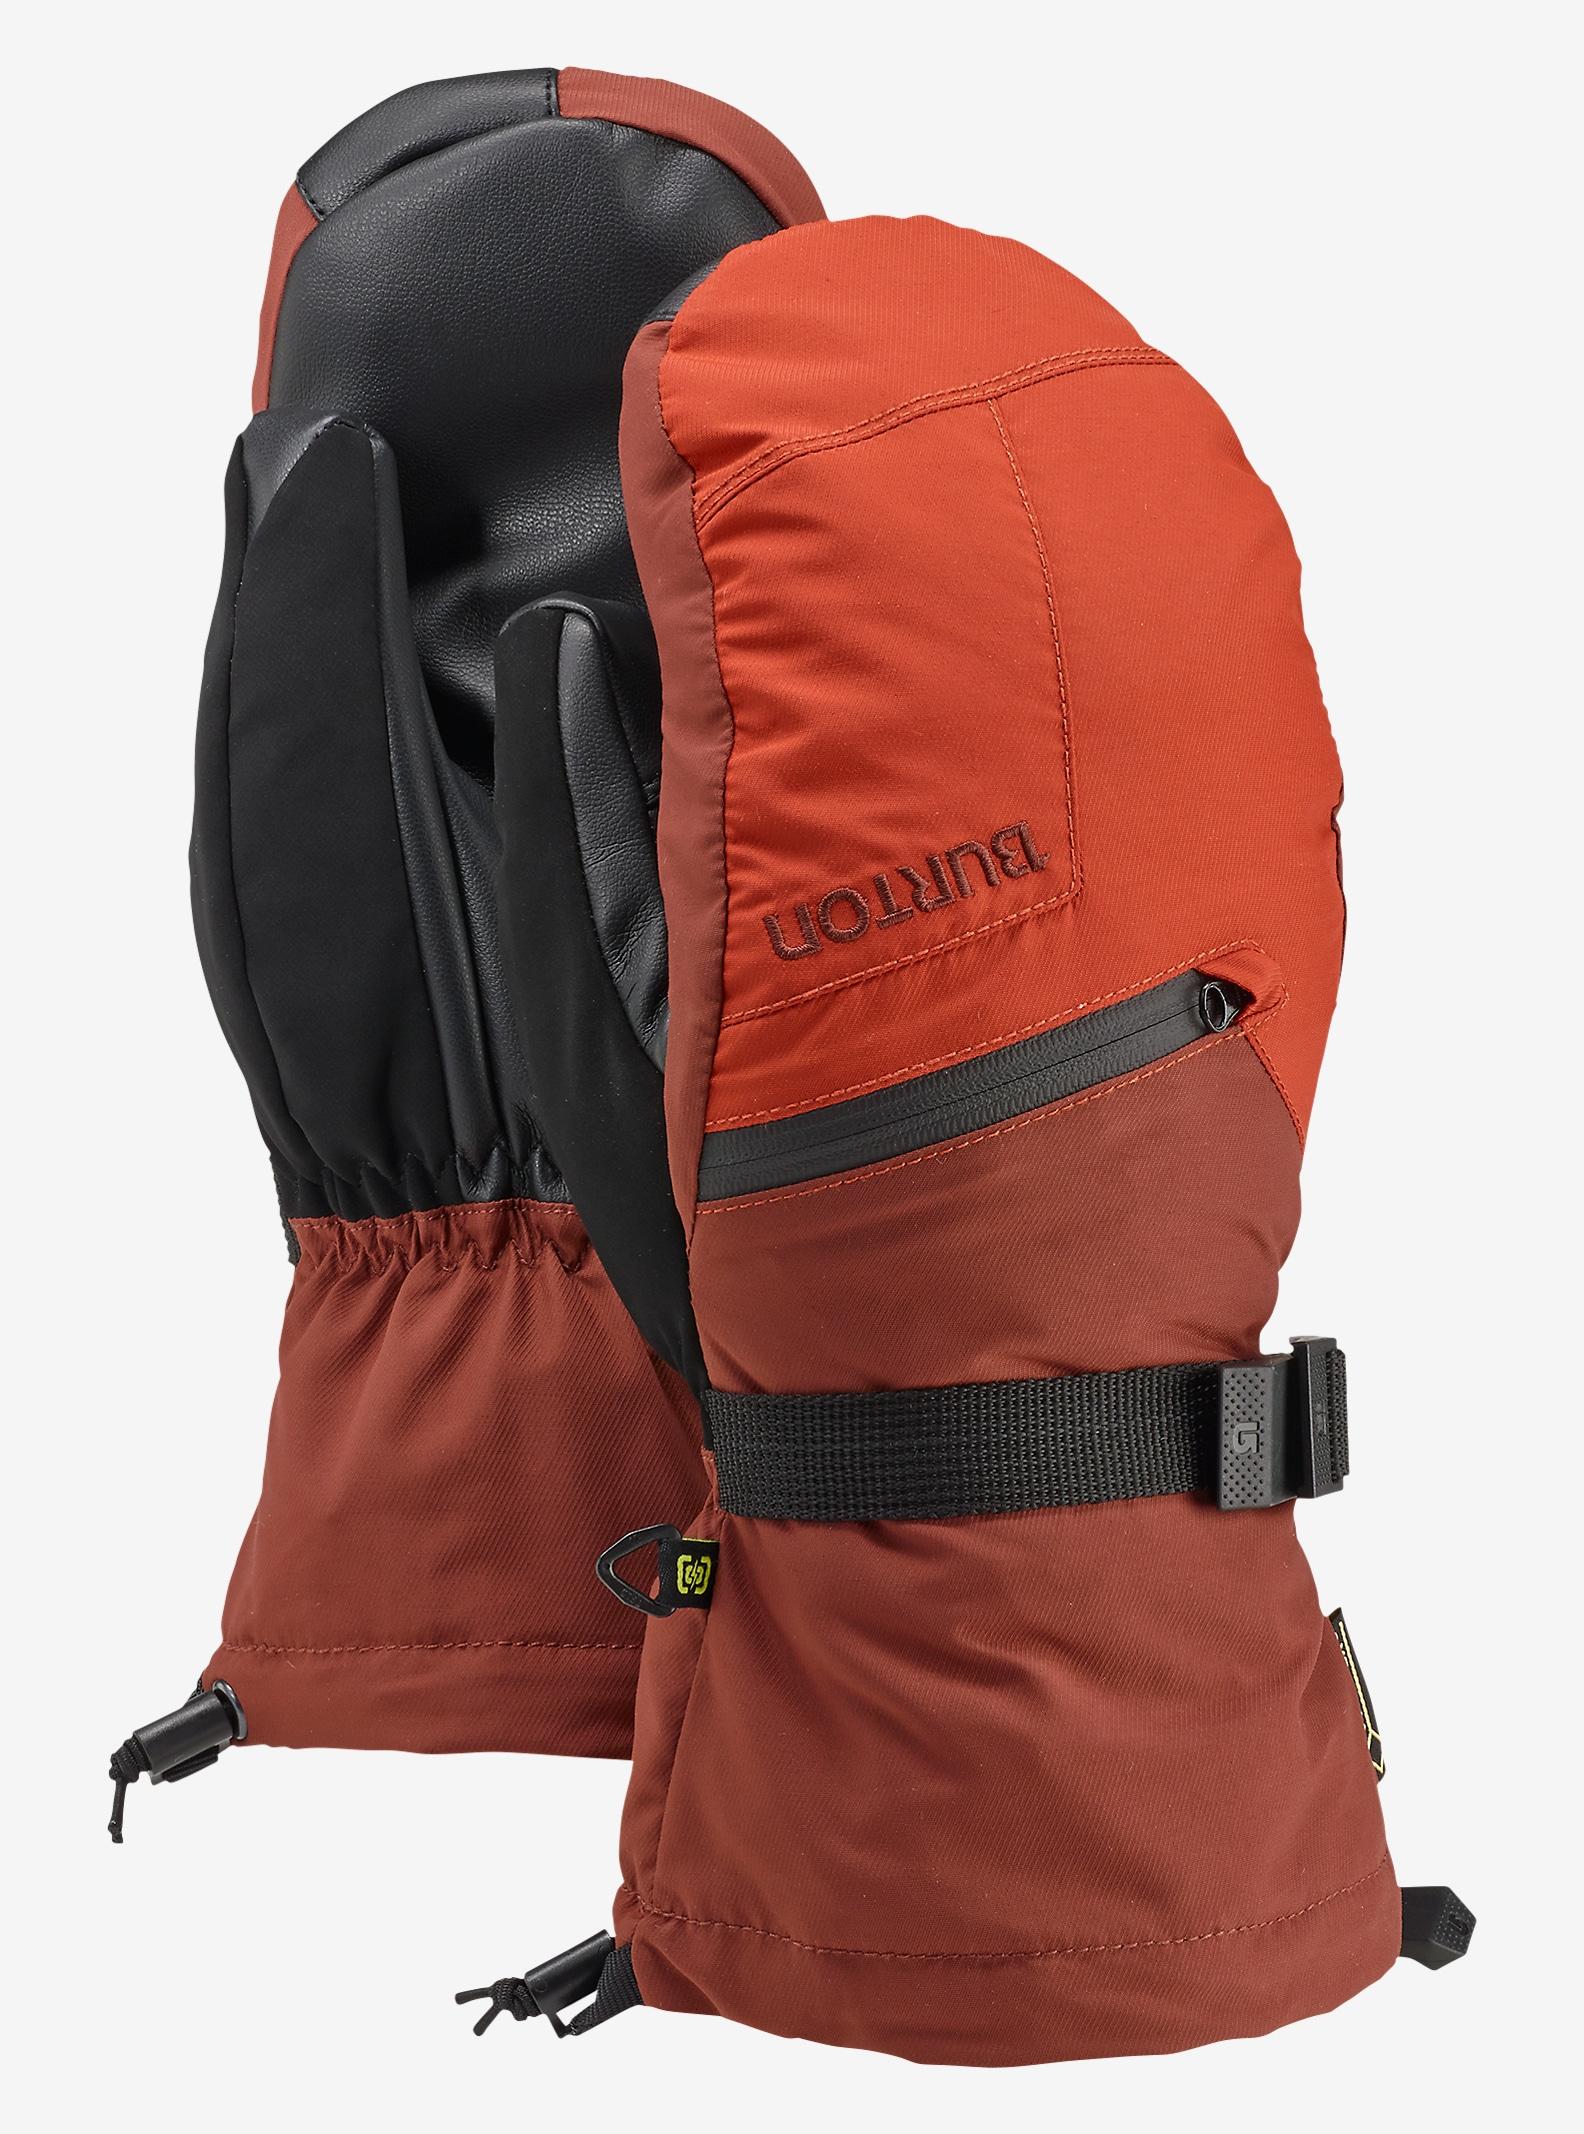 Burton GORE-TEX® Mitt + Gore Warm Technology shown in Picante / Matador